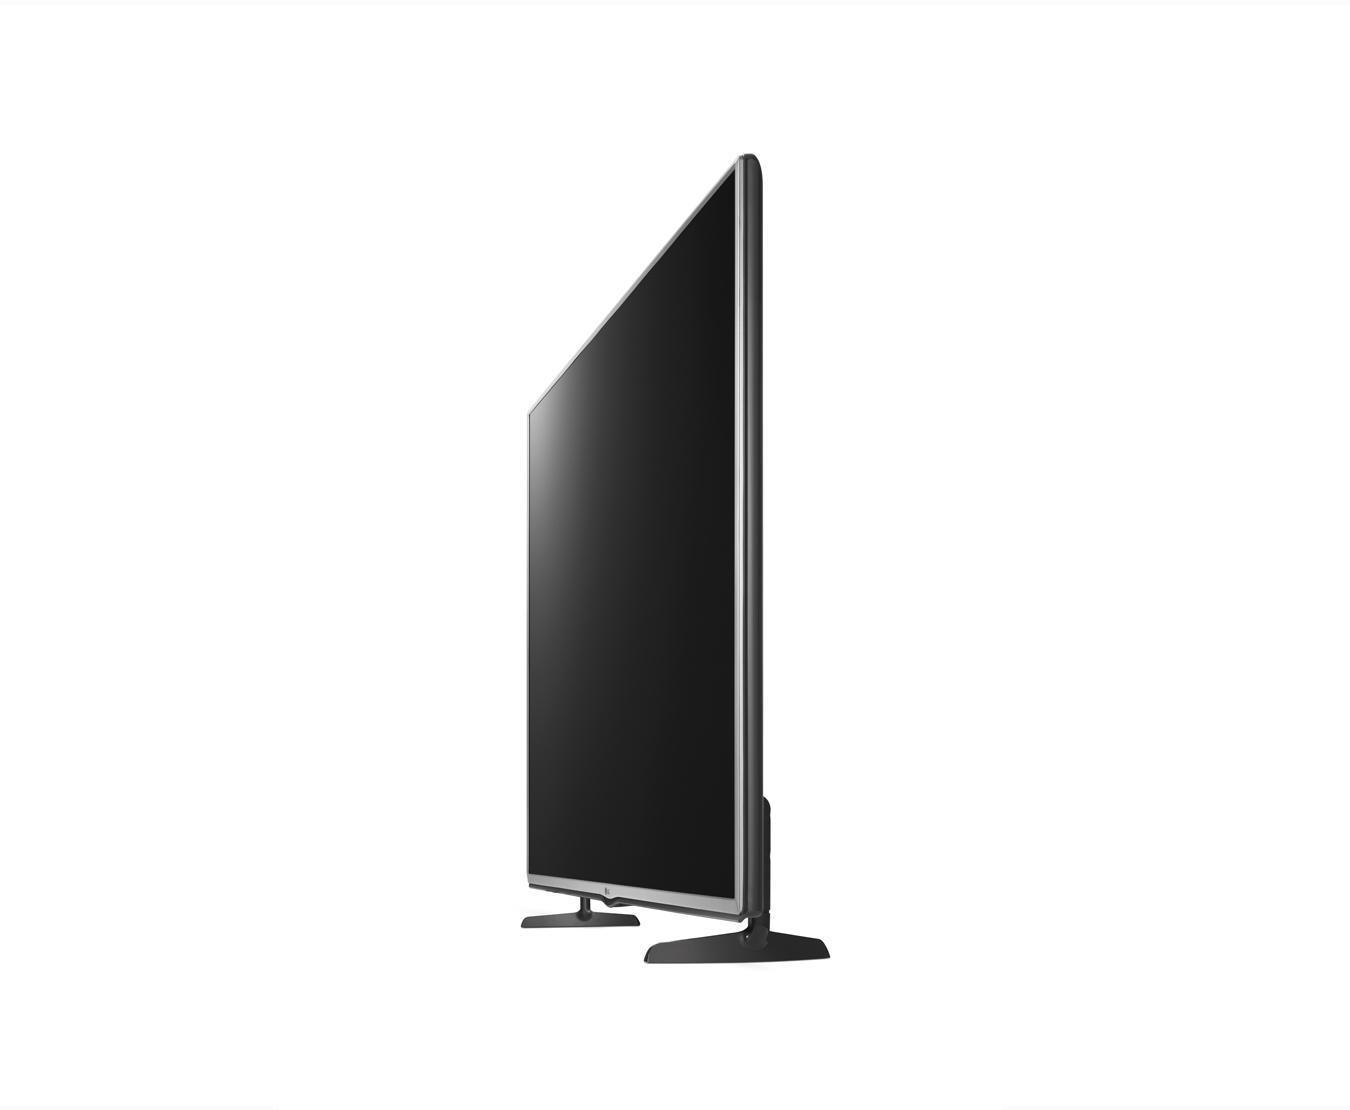 LG 42LF620V телевизор ( 42LF620V )